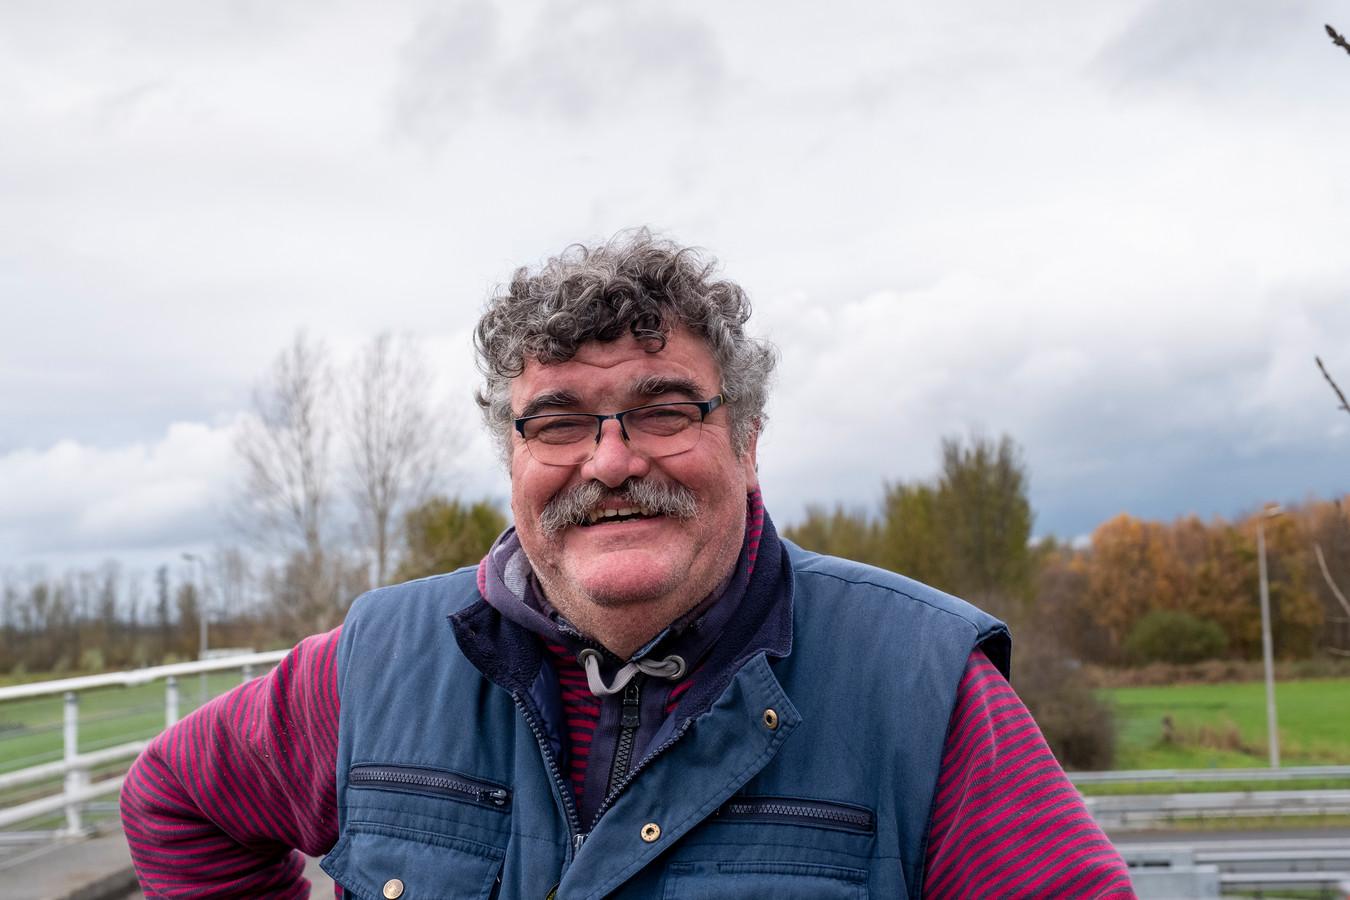 Jan van Werven staat met een opgelucht gevoel voor het verkeersknooppunt Hattemerbroek . Links achter hem zullen in 2021 vier windmolens groene energie gaan leveren.